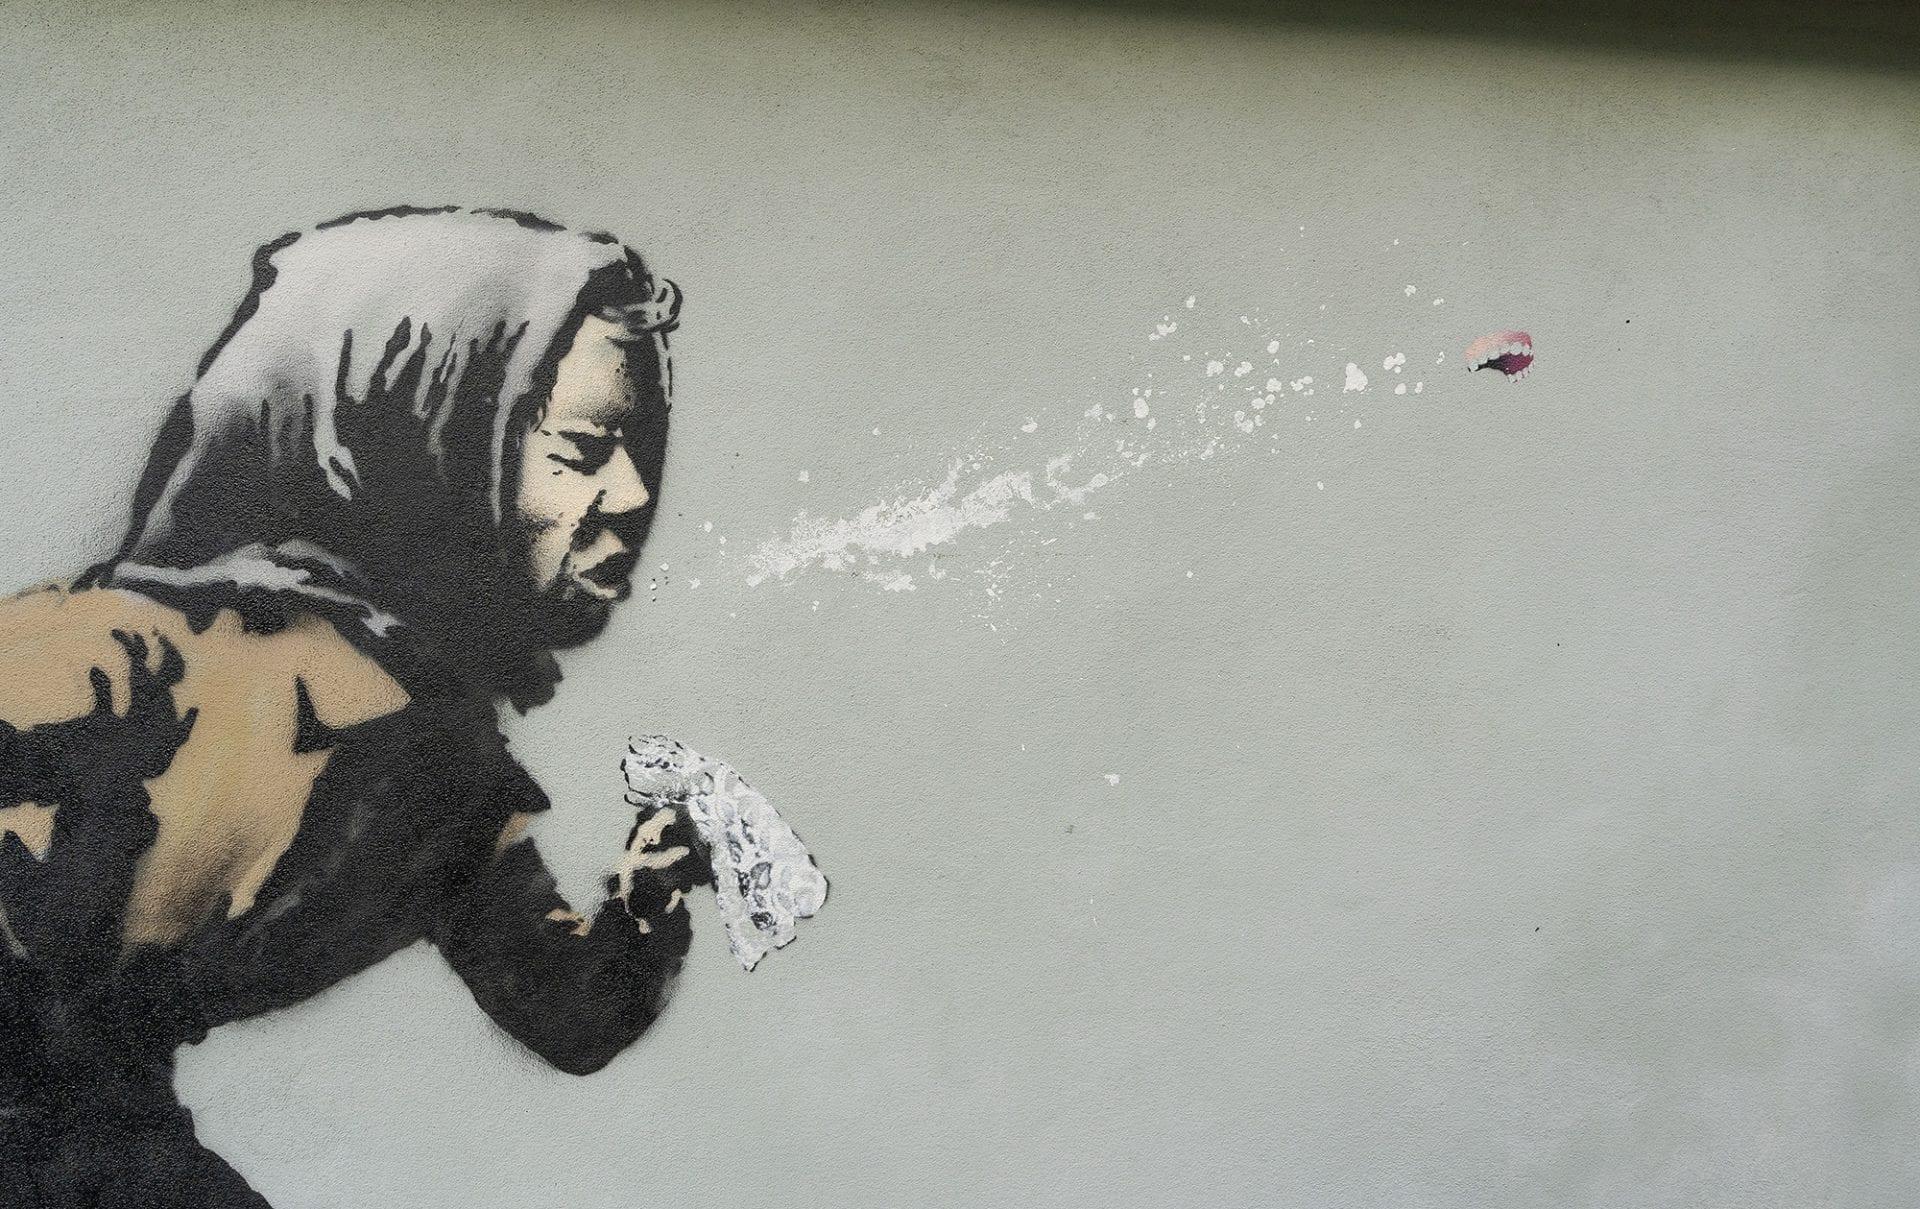 Une mamie qui éternue en plein Covid : le nouveau street art génial de Banksy